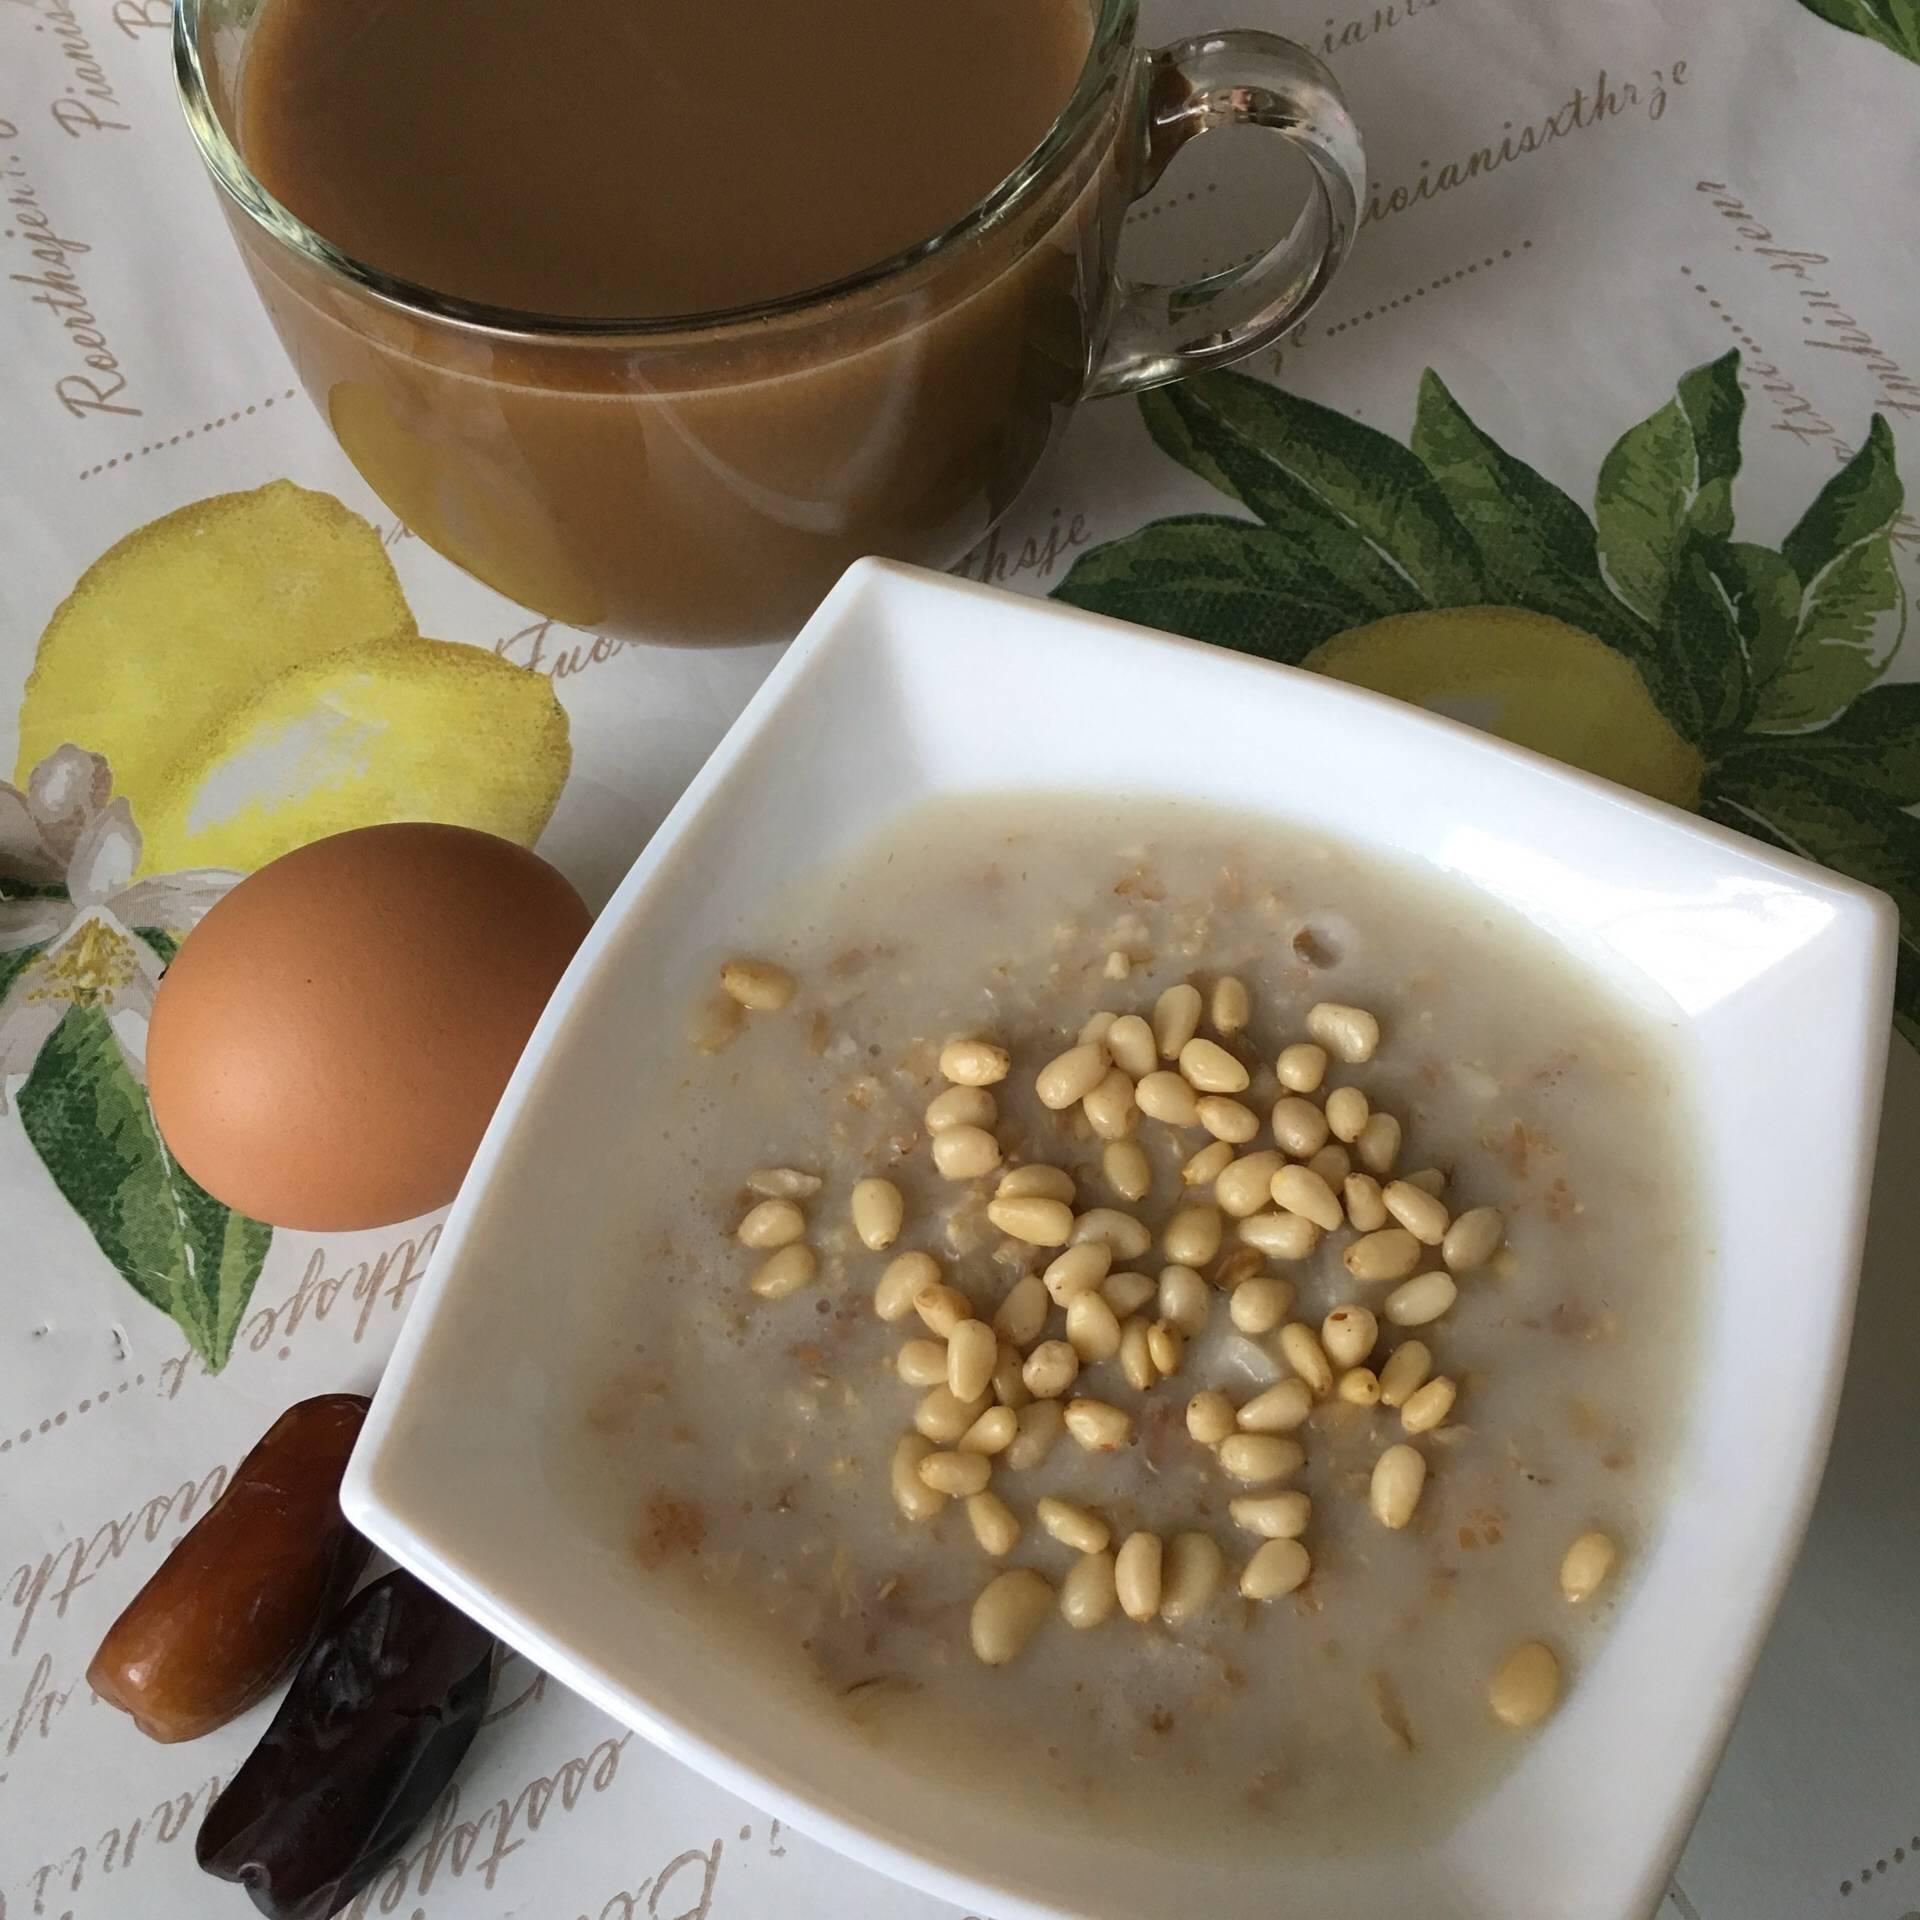 Рецепты кофе с кедровыми орехами